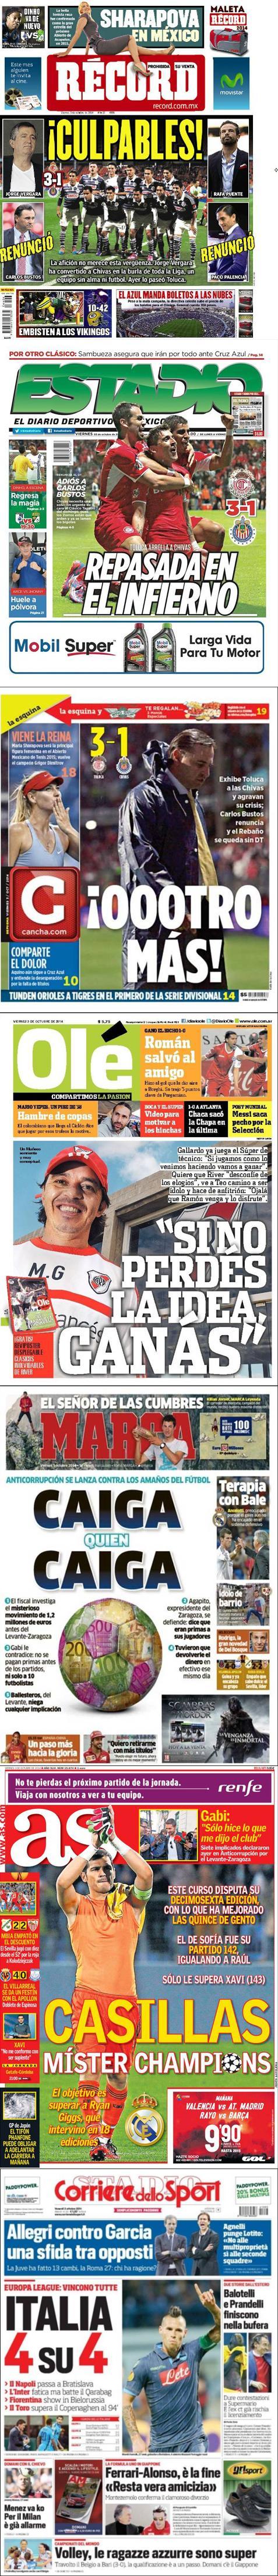 Diarios de México destacan la derrota de las Chivas 3-1 ante Toluca, la renuncia de Carlos Bustos y la posición de Chivas en la porcentual.